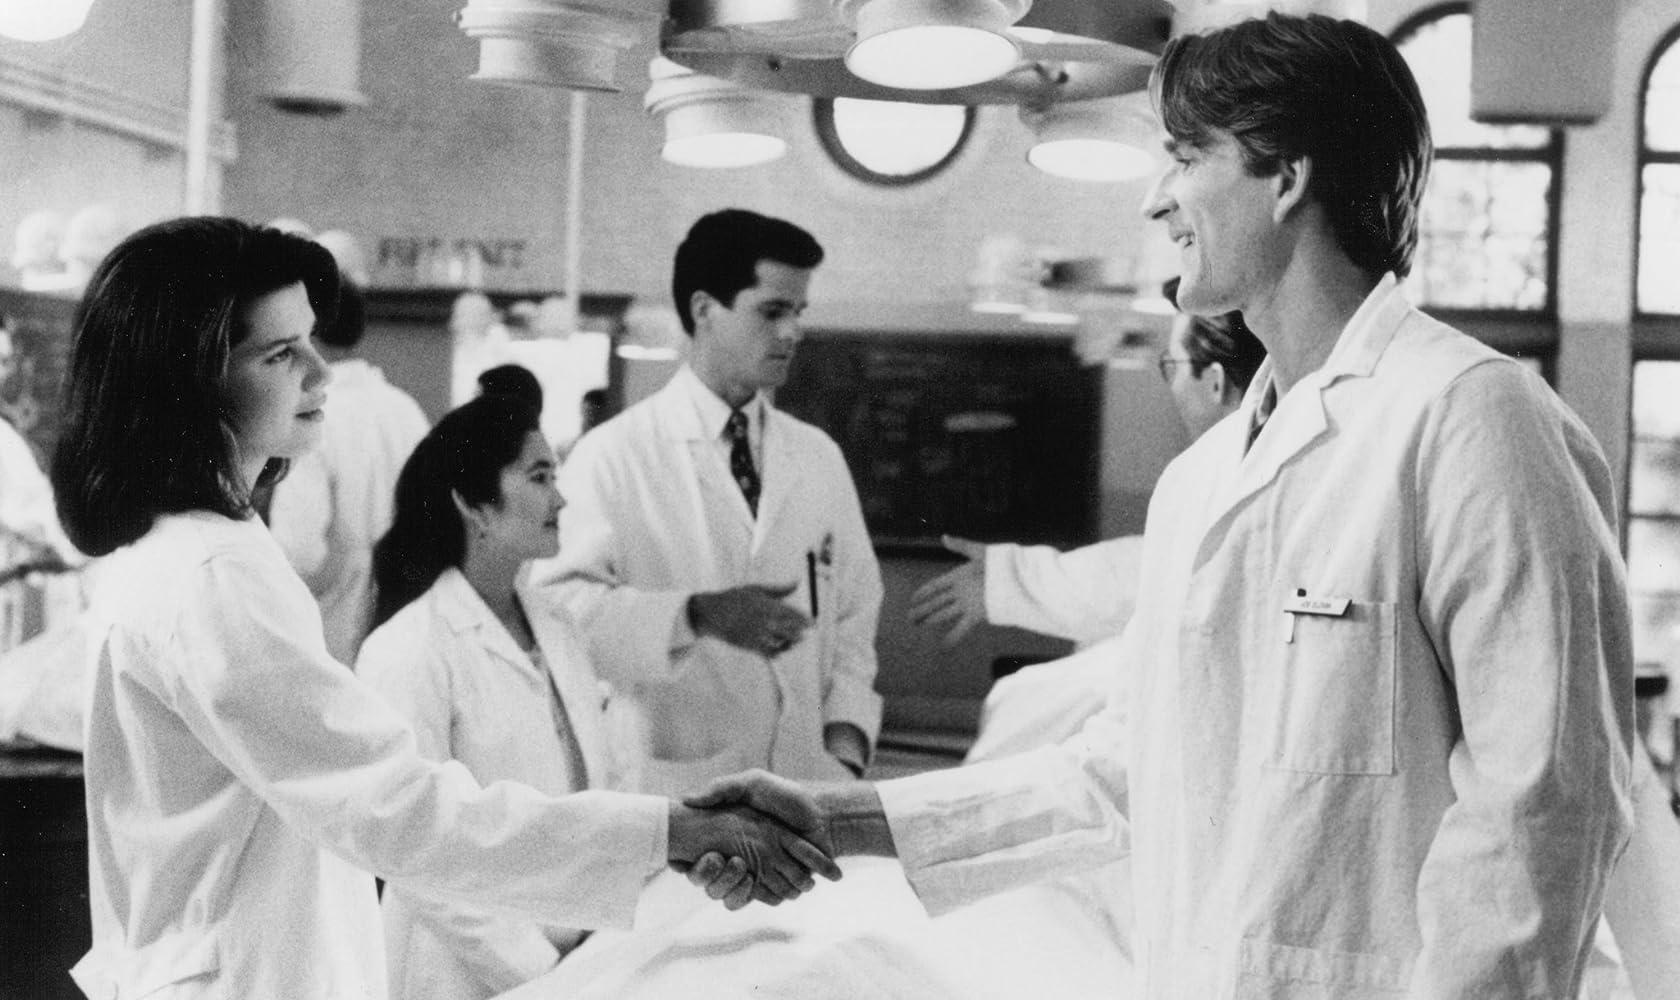 Tpla Lgili Zlenmesi Gereken 16 Film Dsn Doktorlarsitesi